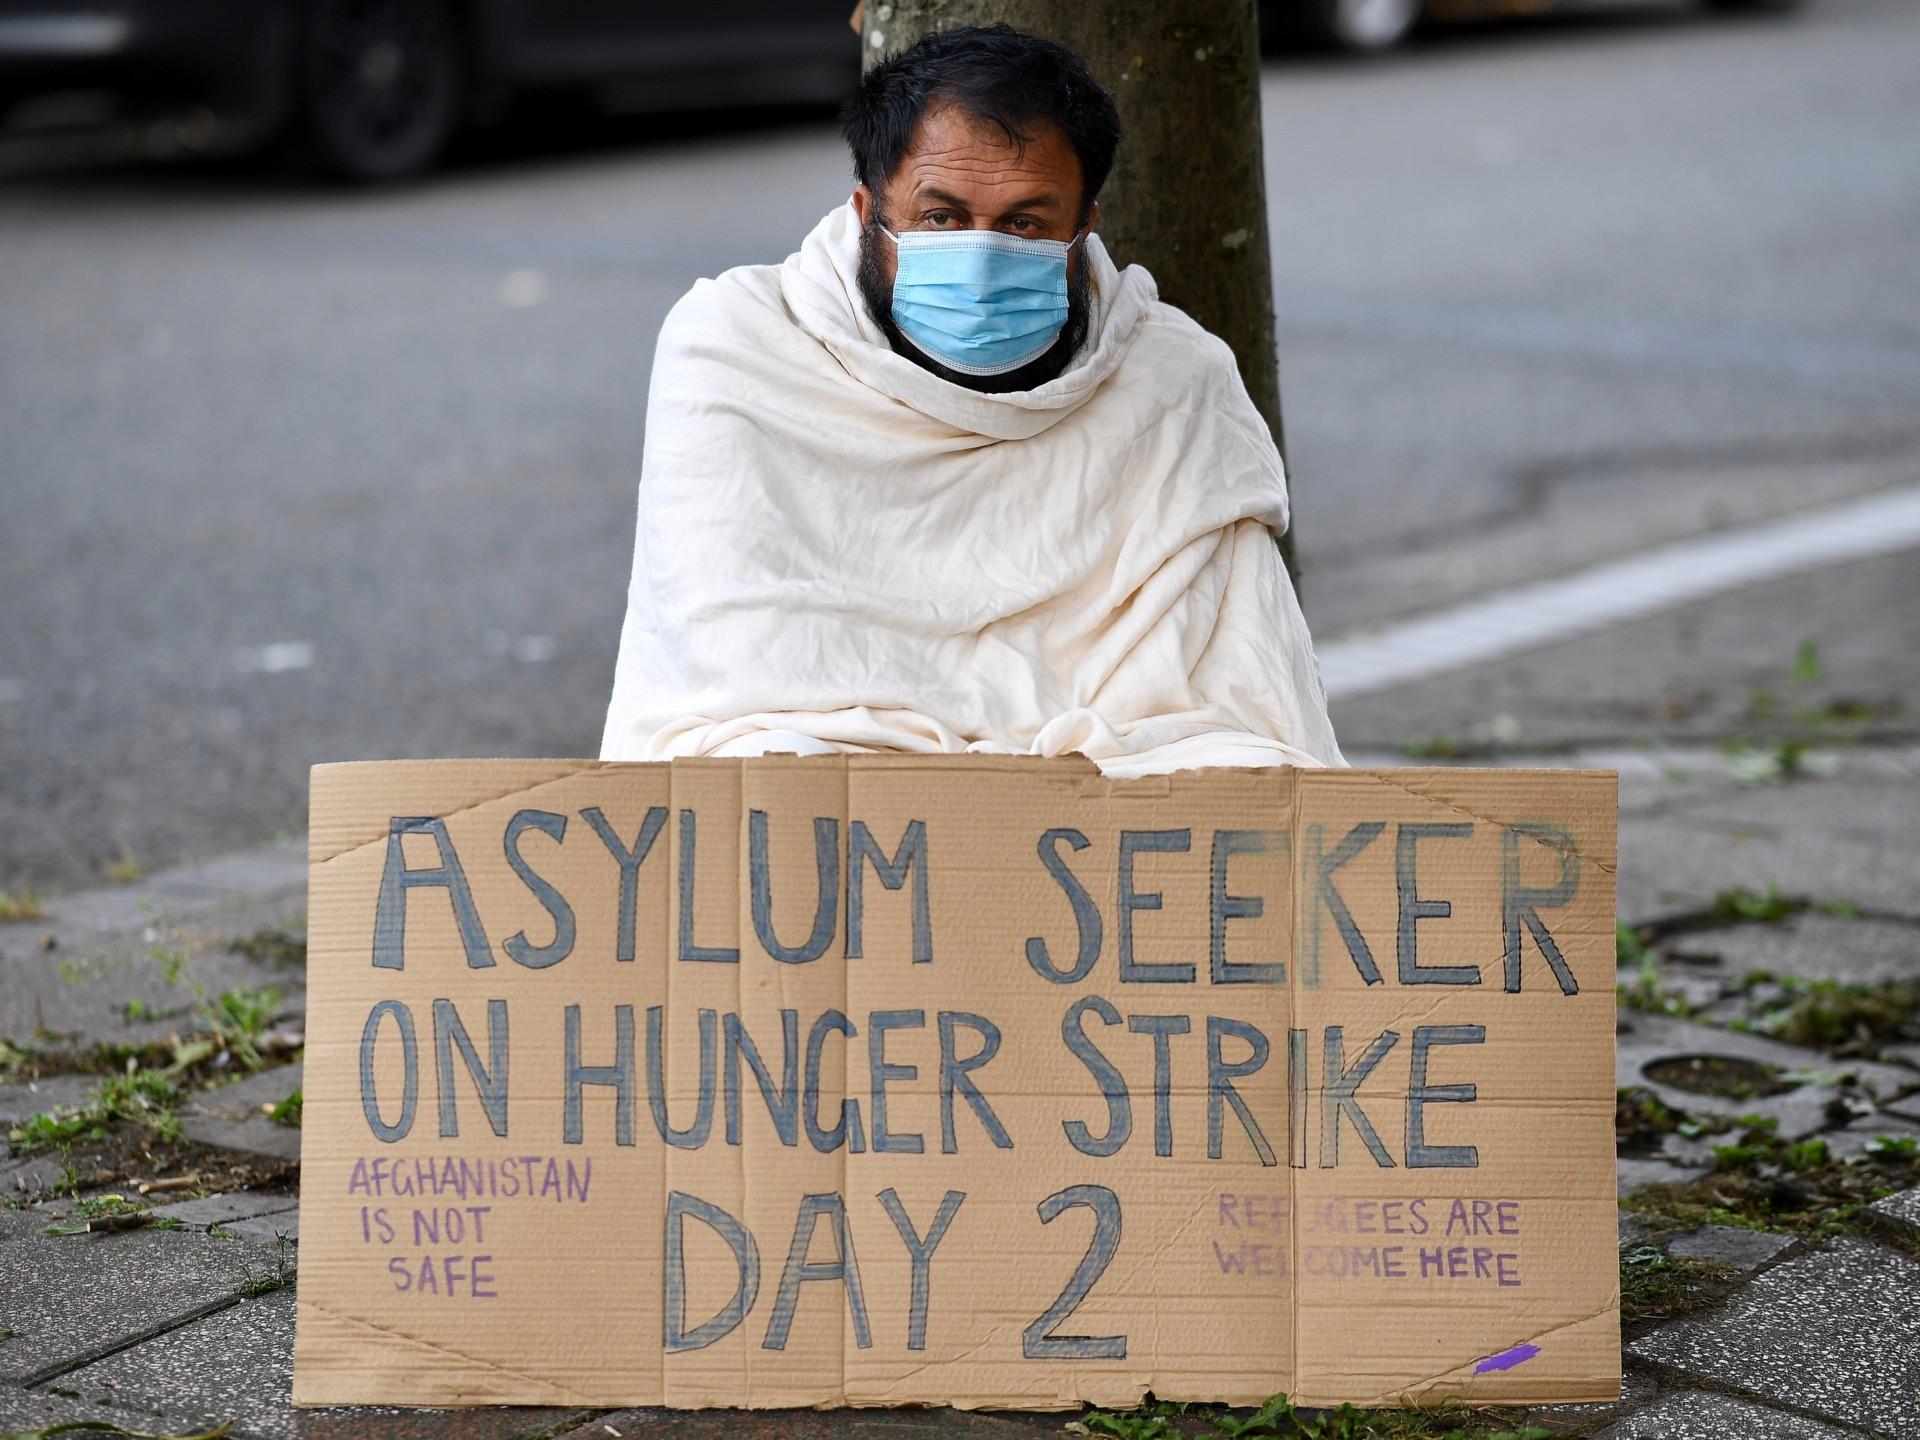 إضراب طالبي لجوء عن الطعام في بريطانيا يعكس سوء تعامل السلطات معهم